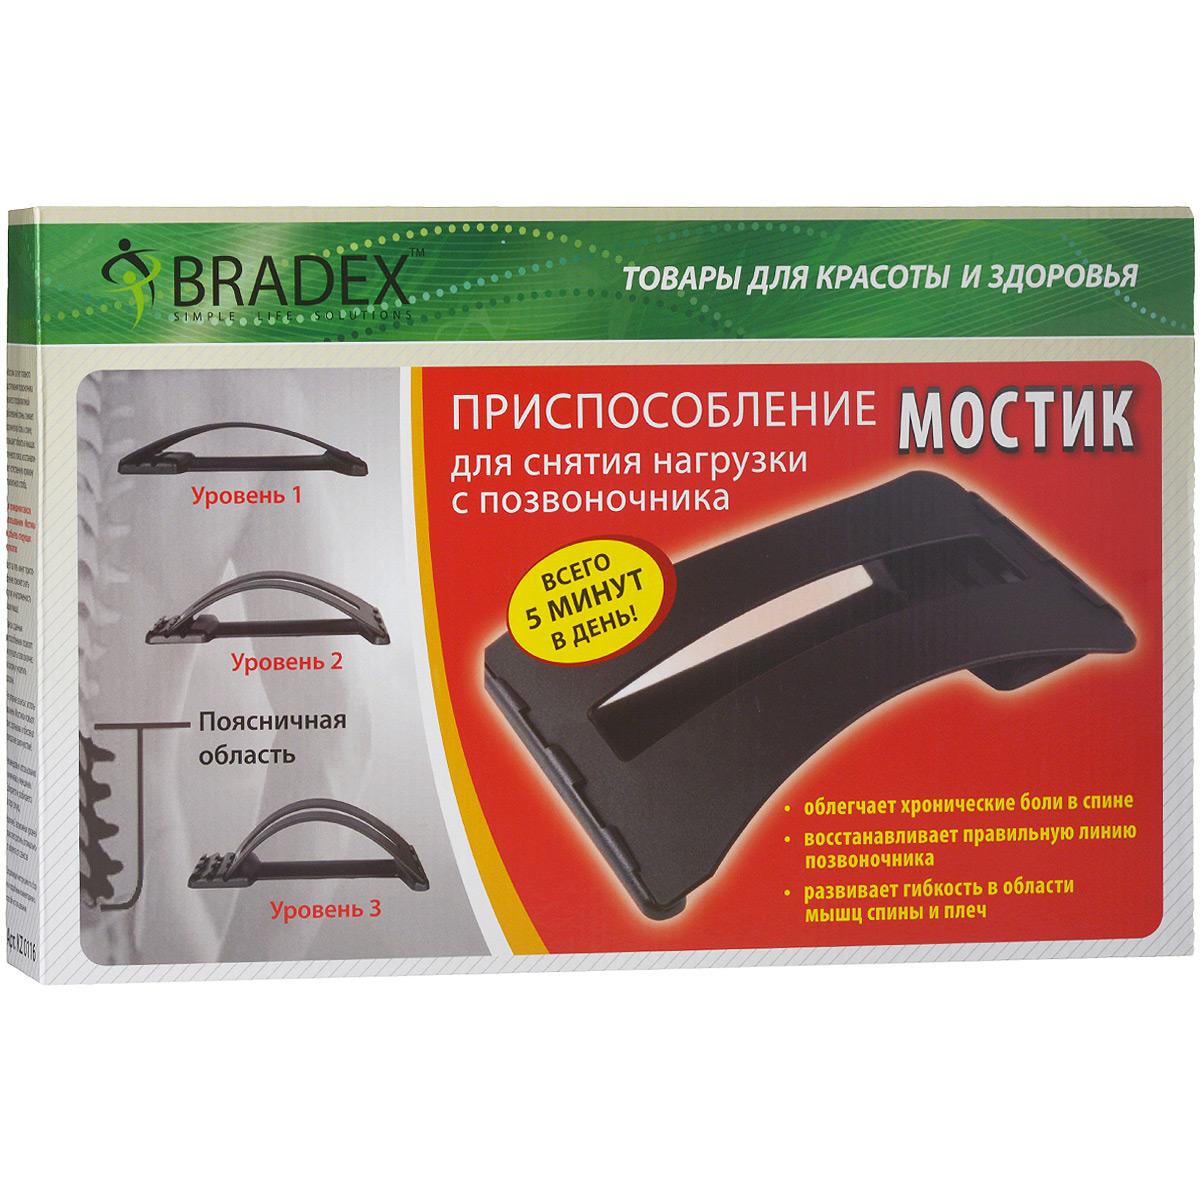 """Приспособление для снятия нагрузки с позвоночника Bradex """"Мостик"""", цвет: черный"""